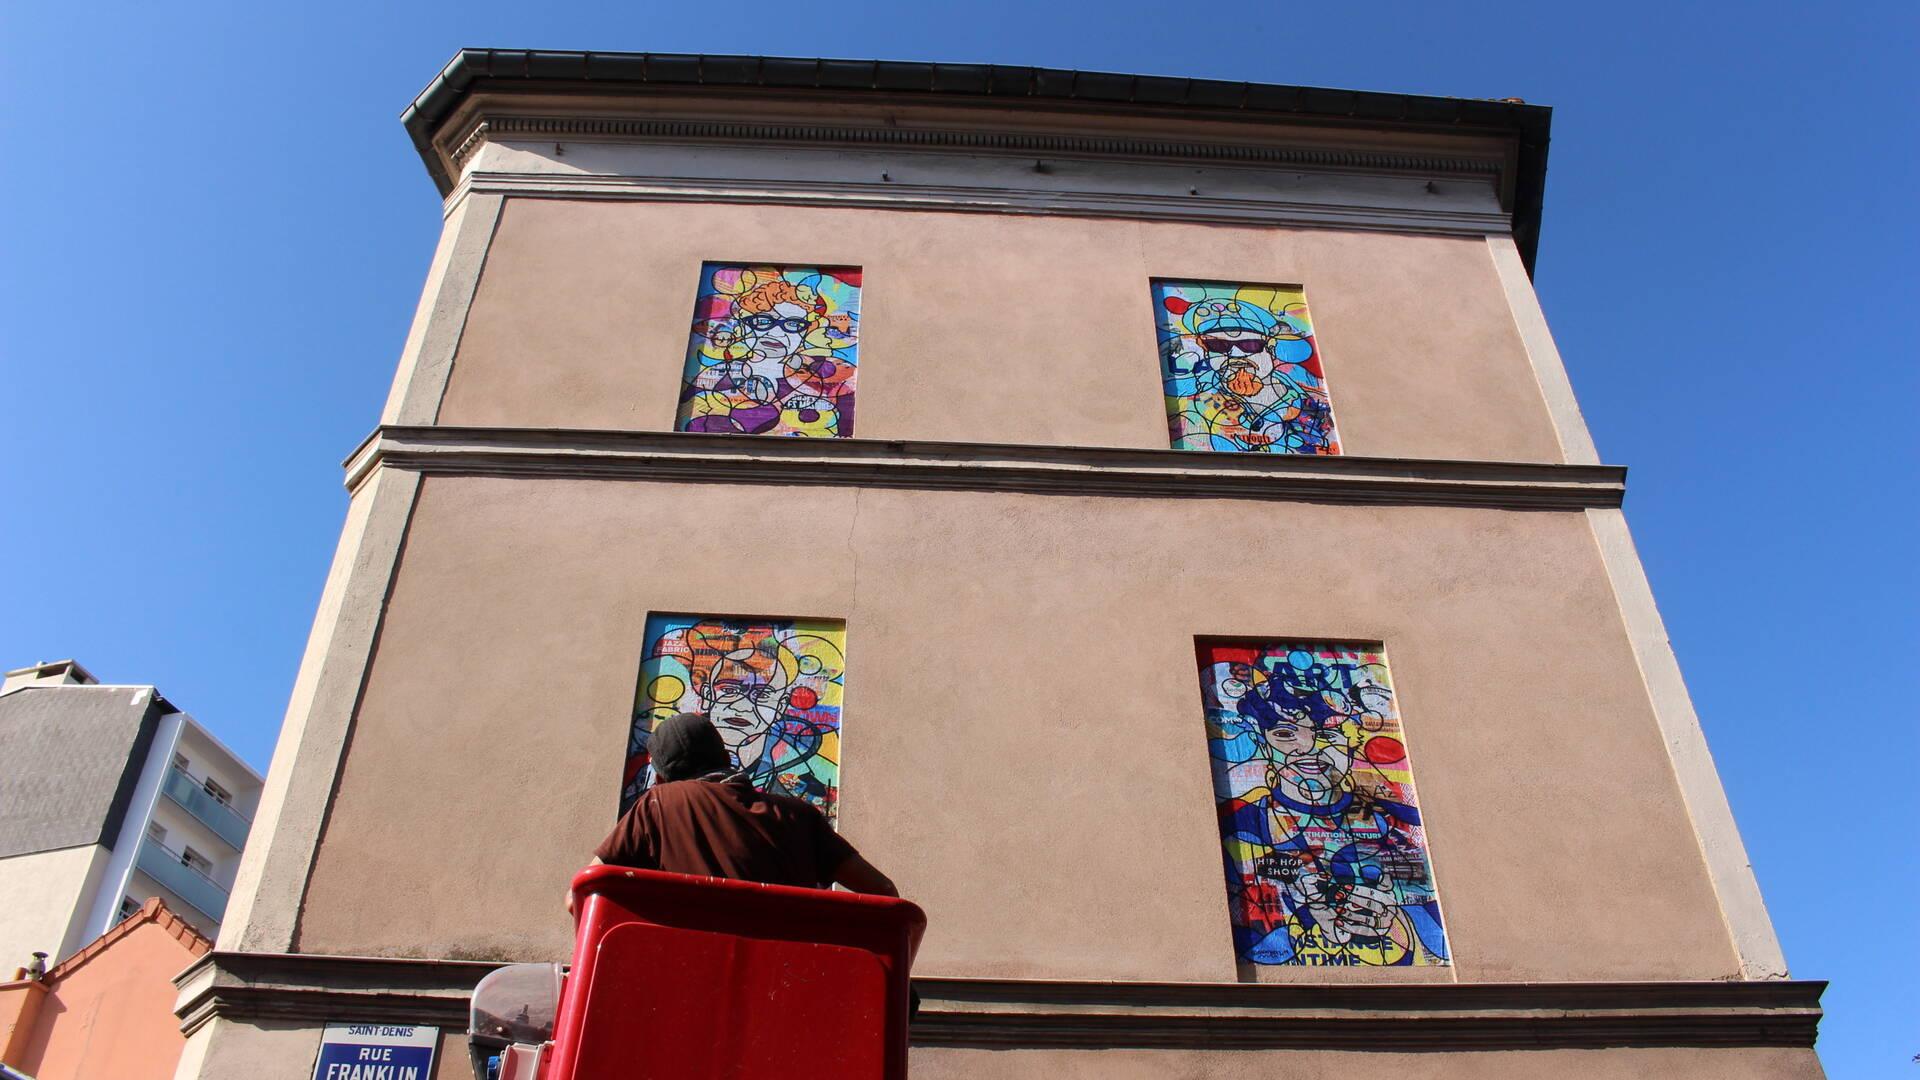 fenetre-sur-rue-street-art-saint-denis-plaine-commune-mur93-